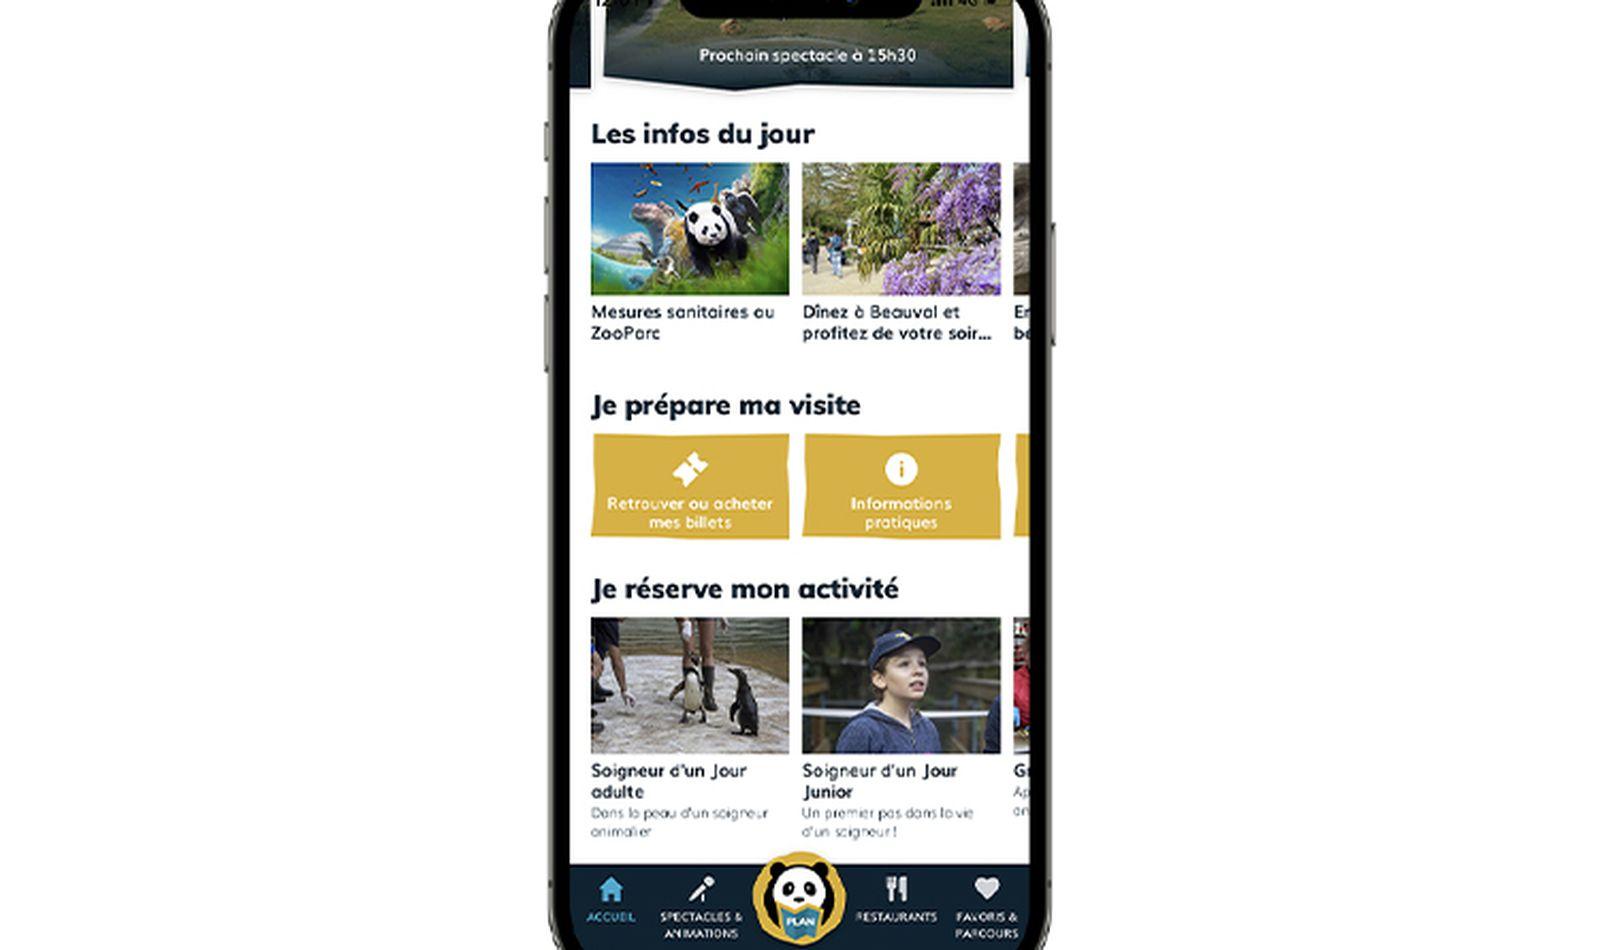 Appli Beauval - Téléchargez l'application mobile du ZooParc de Beauval